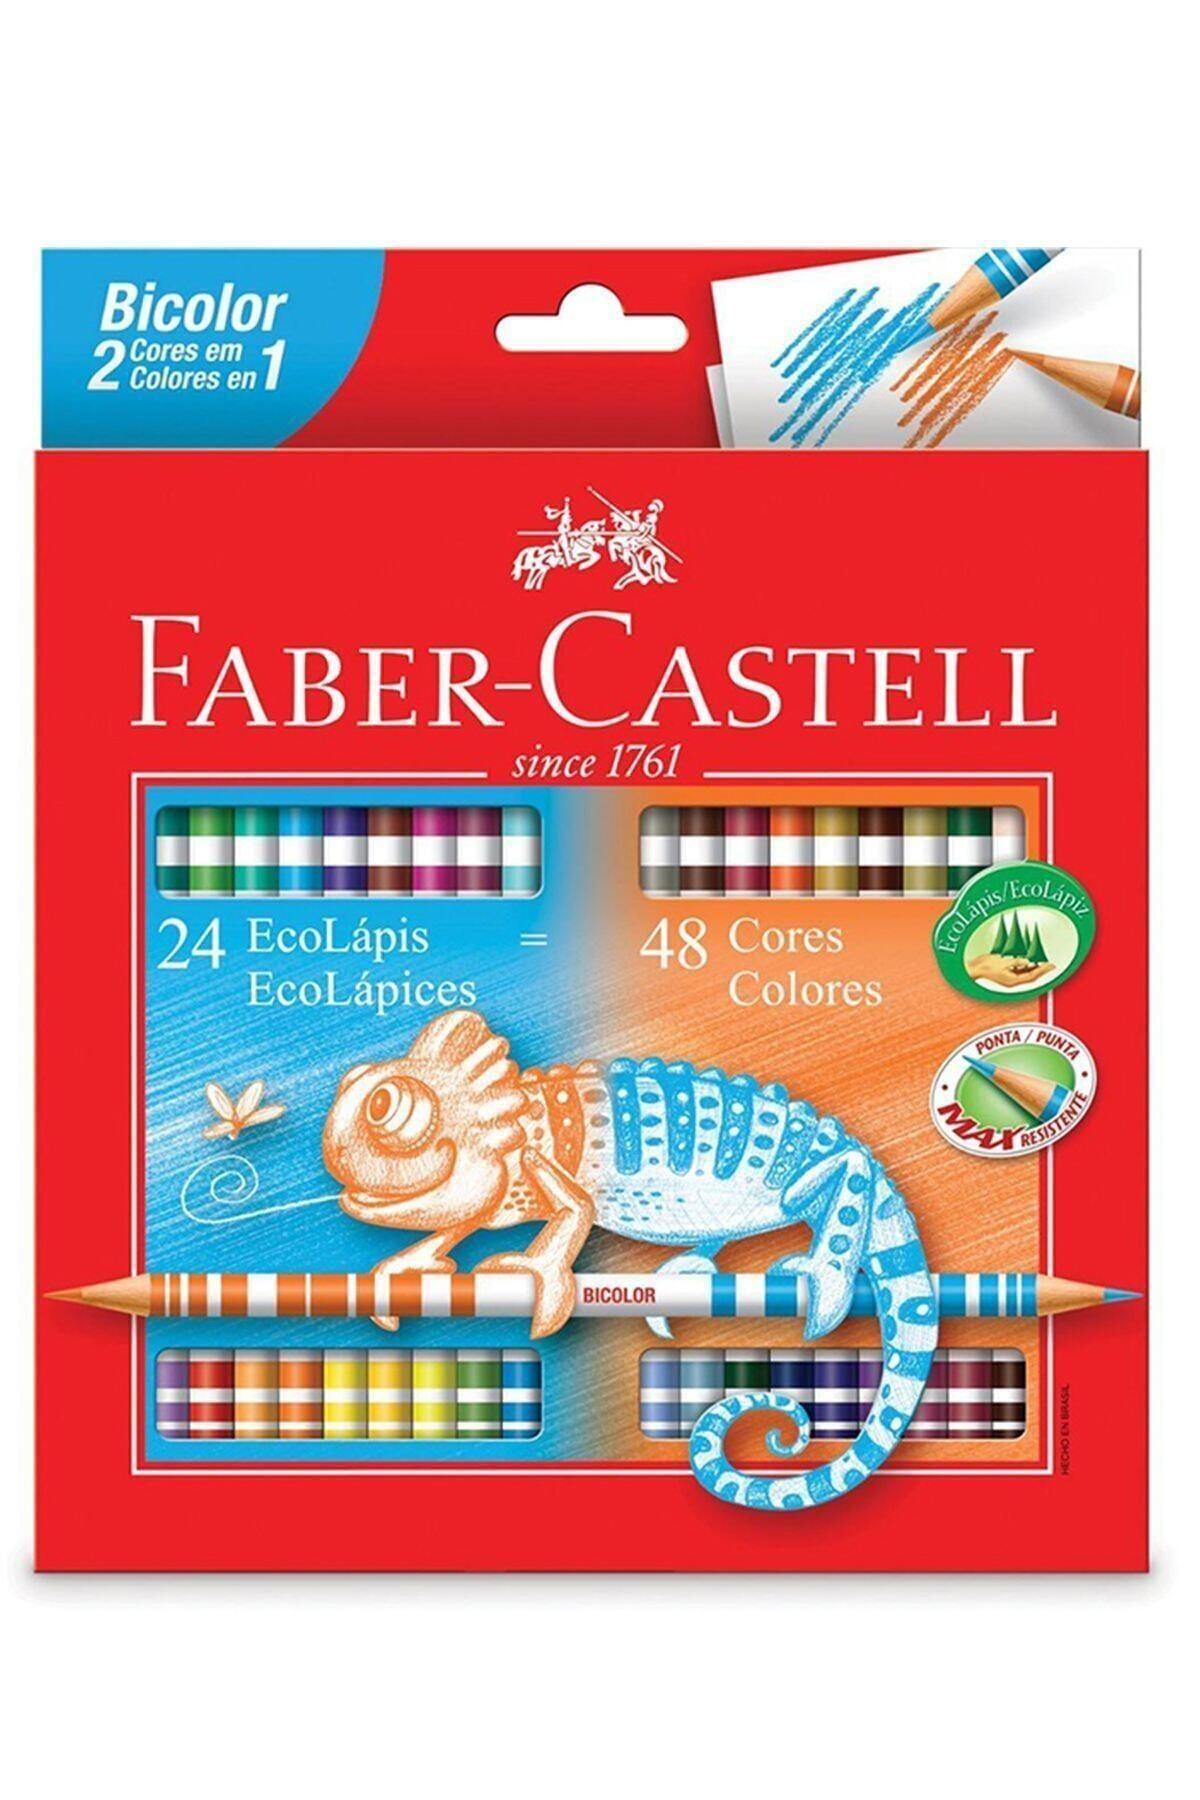 Faber Castell Bicolor Çift Uçlu Kuru Boya 24`lü 48 Renk 1